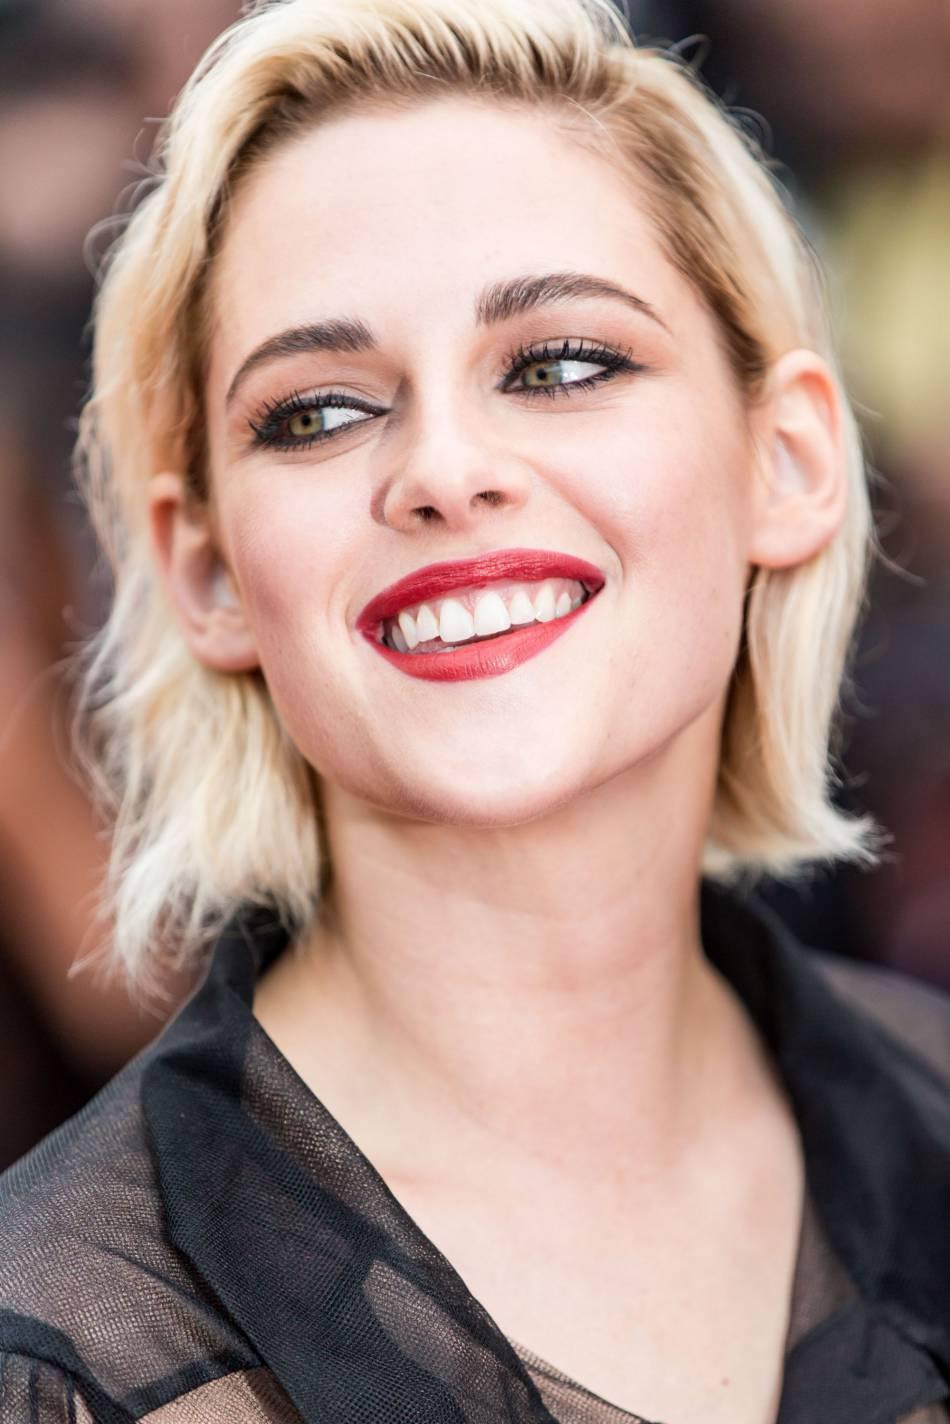 L'égérie Chanel Kristen Stewart, formidablement mise en beauté par la griffe au double C, lors du Festival de Cannes 2016.